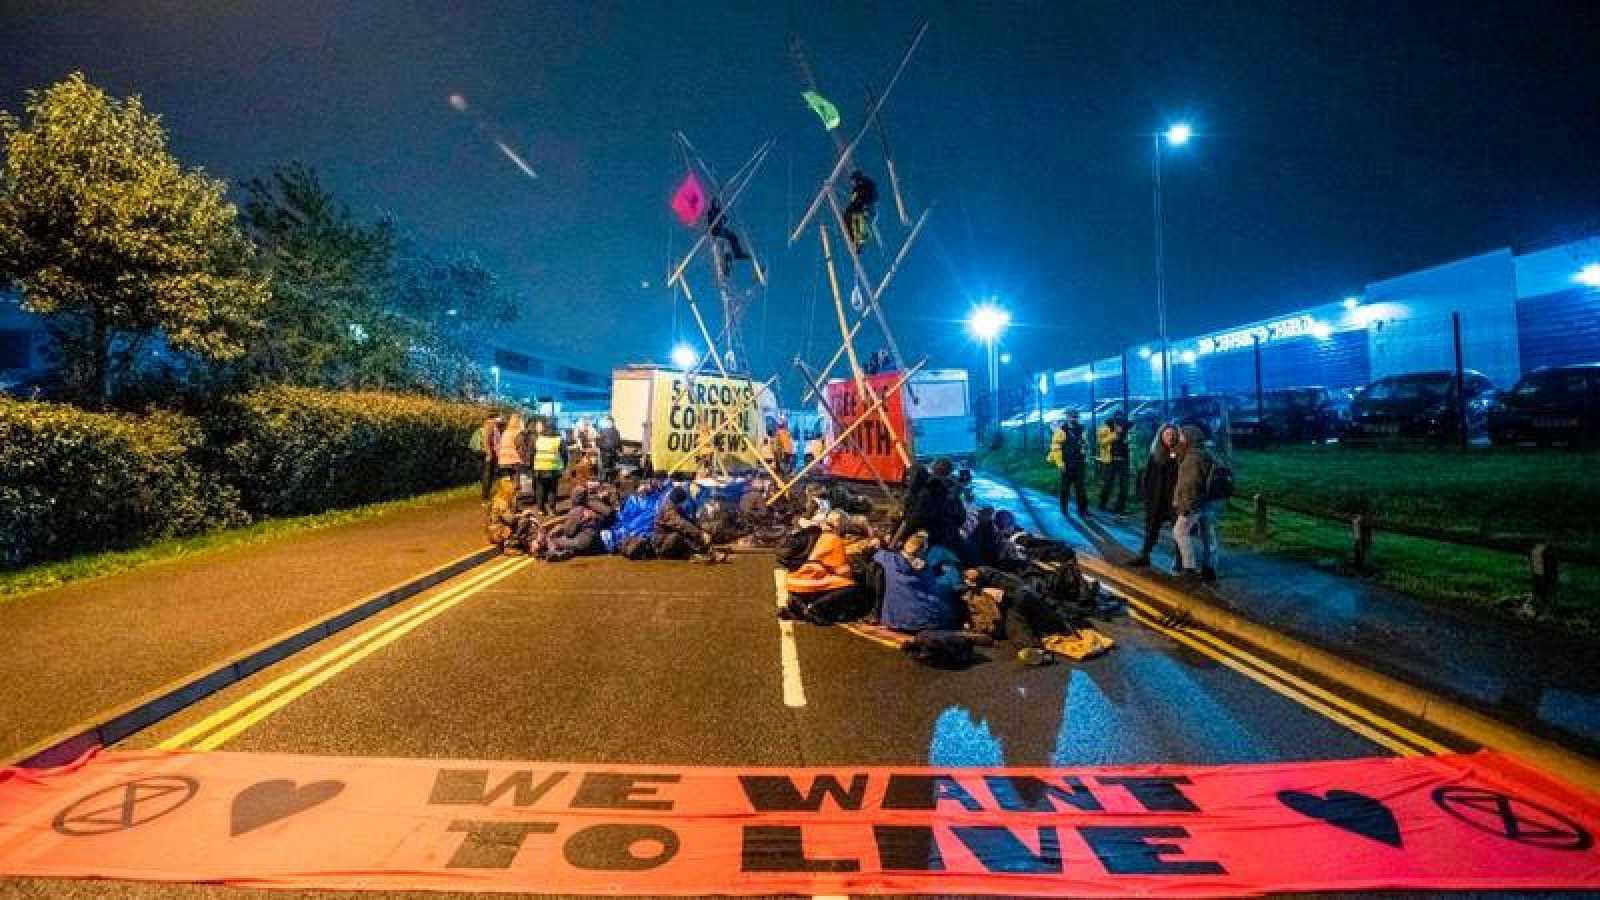 Activistas del grupo Extinction Rebellion bloquean el acceso a la rotativa de News Corporation en Broxbourne, al norte de Londres